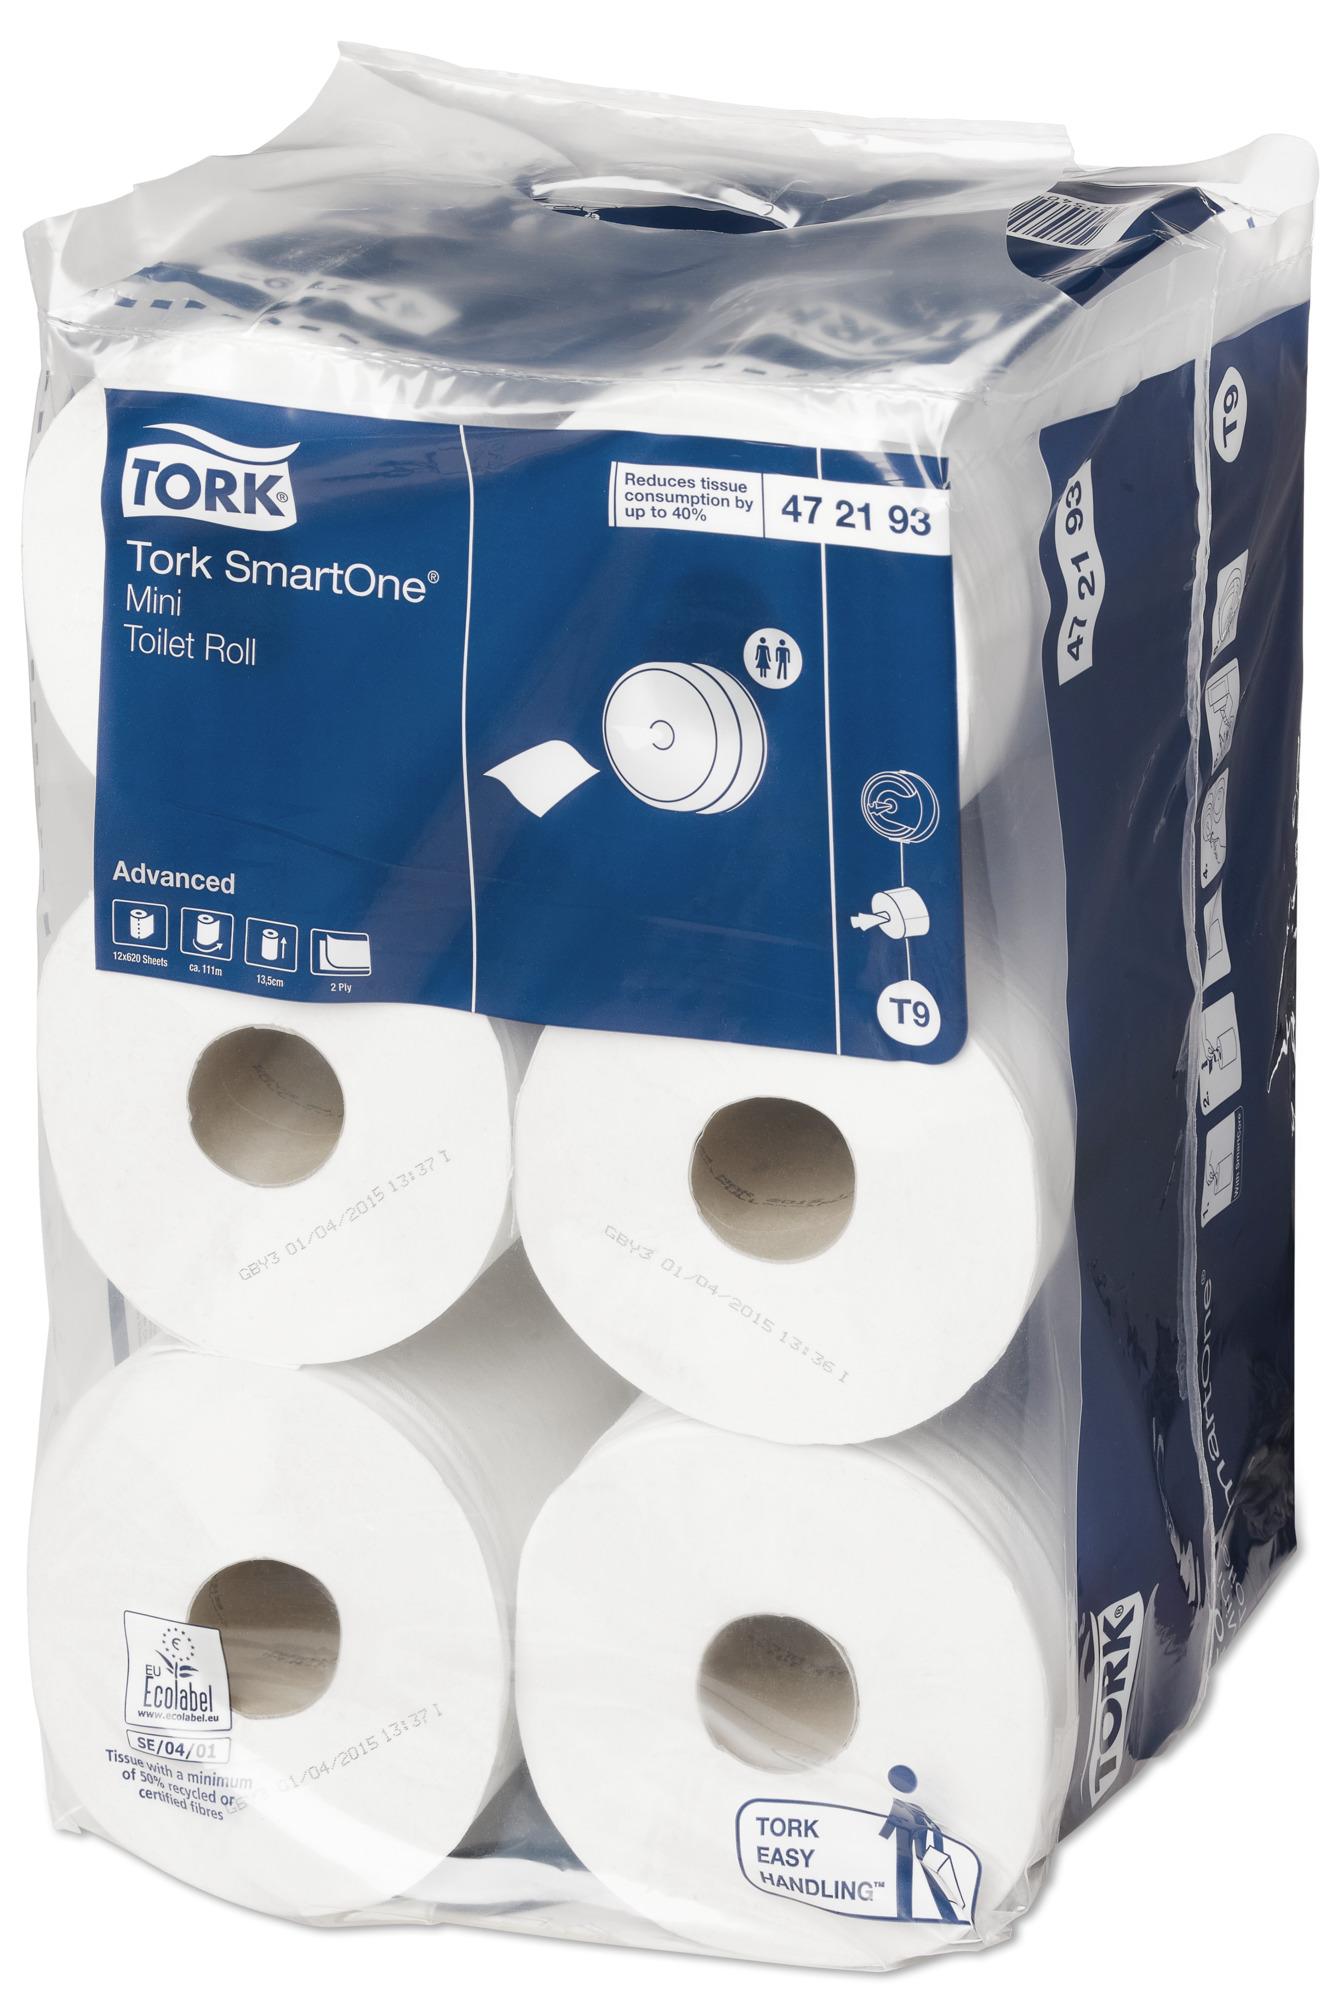 Бумага туалетная Tork SmartOne, двухслойная, 12 мини-рулонов472193Tork SmartOne® - уникальная система, обеспечивающая гигиеничный полистовой отбор и до 40% экономии по сравнению с традиционными большими рулонами. Мини-рулоны Tork SmartOne® высокой емкости подходят для туалетных комнат с низкой и средней проходимостью. Бумага мгновенно растворяется в воде - риск засорения канализации сведен к минимуму. Мягкая белая бумага комфортна в использовании. Легко вынимаемая втулка SmartCore® гарантирует быструю и простую перезаправку.